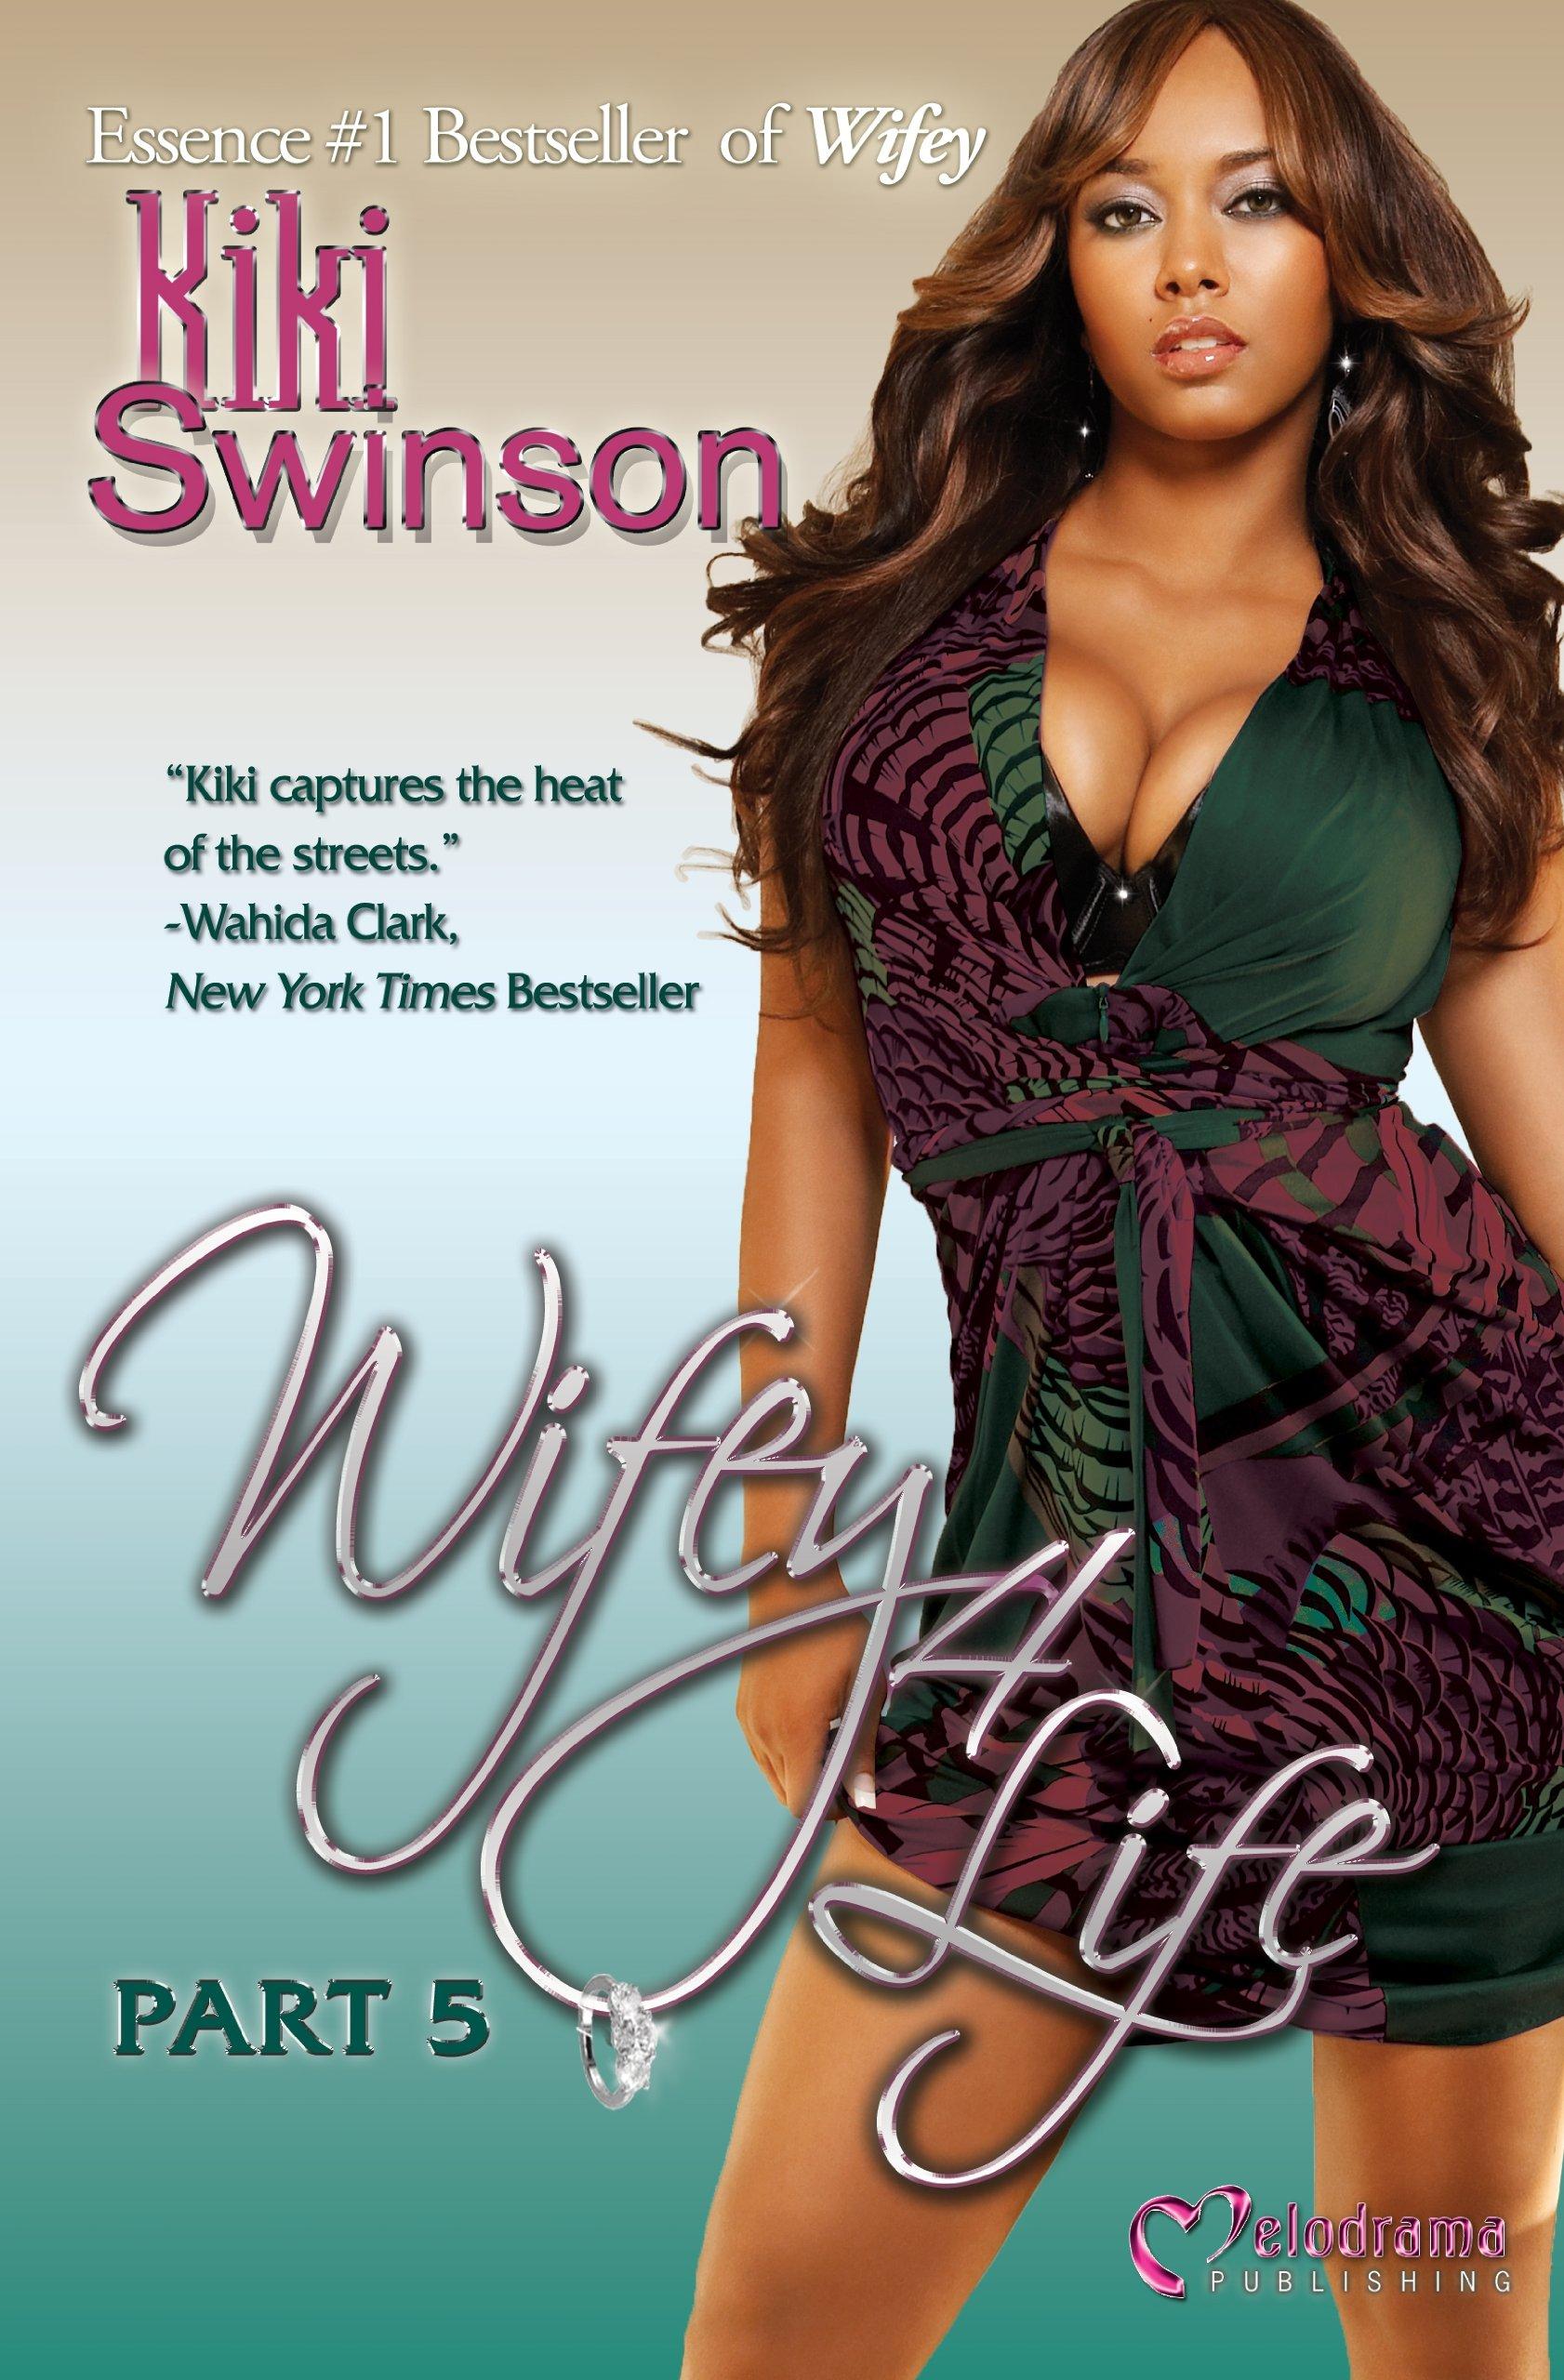 Wifey 4 Life (Part 5) pdf epub